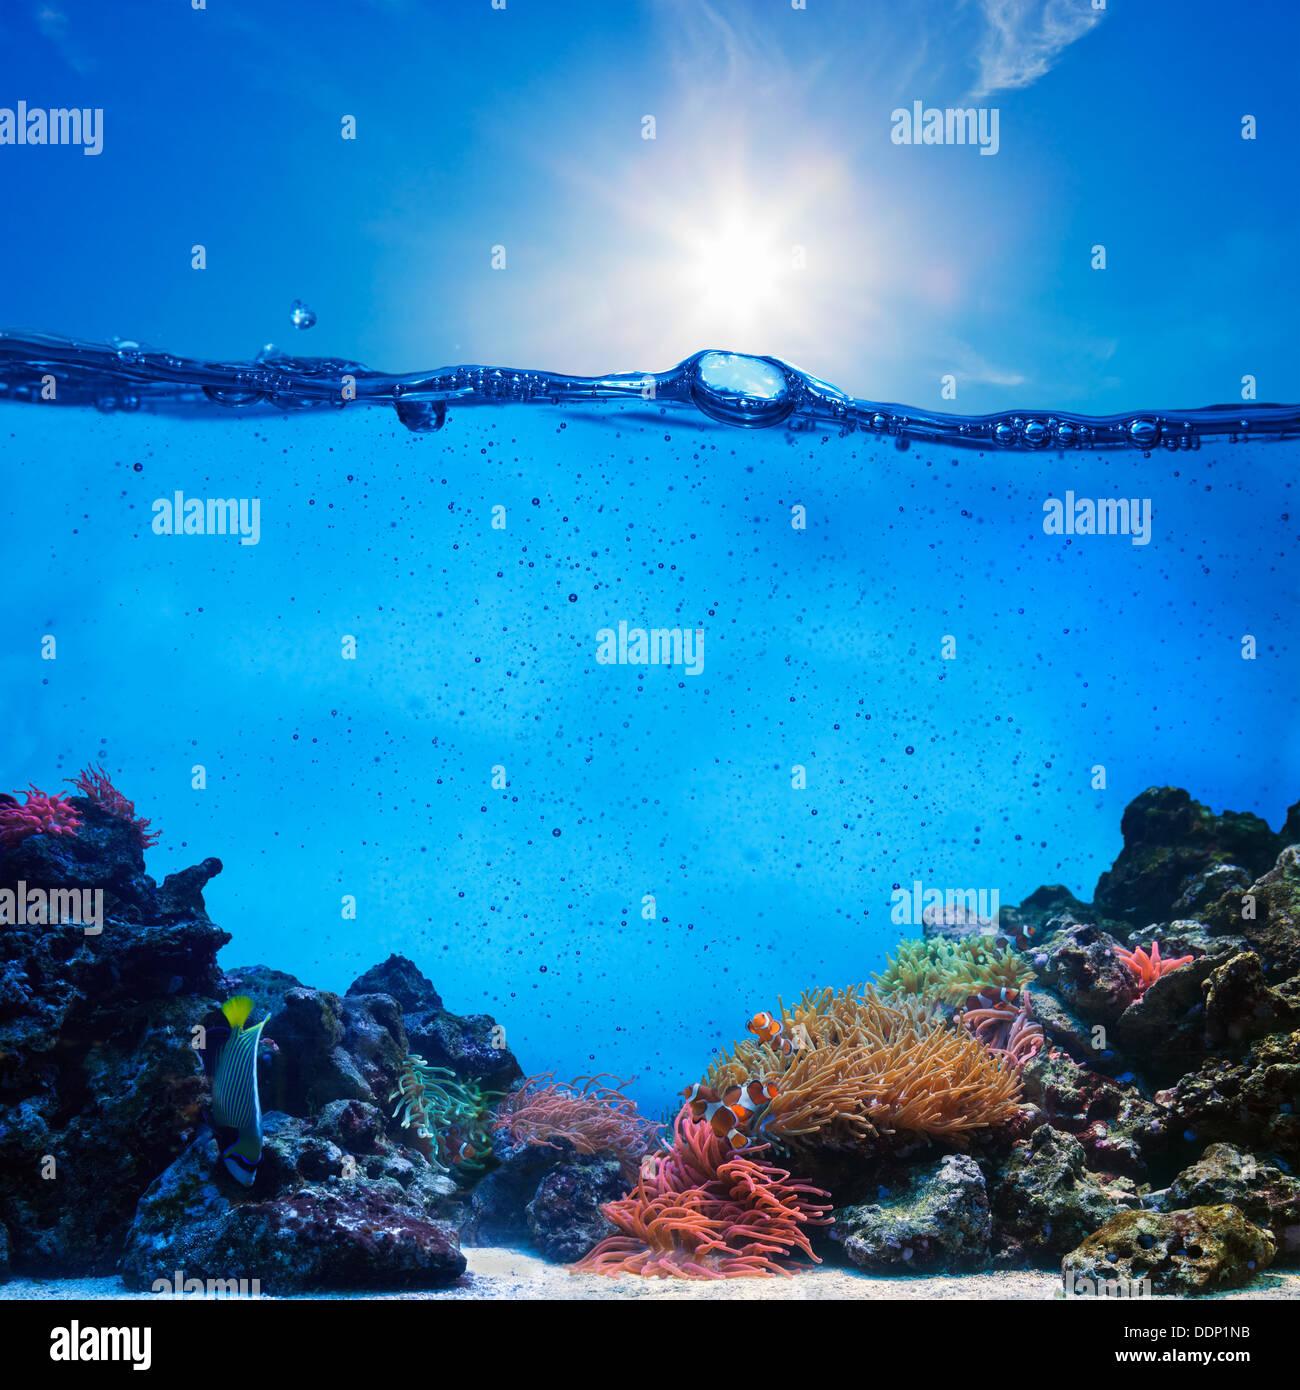 La mitad de escena subacuática. Arrecifes de coral, azul cielo soleado. Imagen De Stock